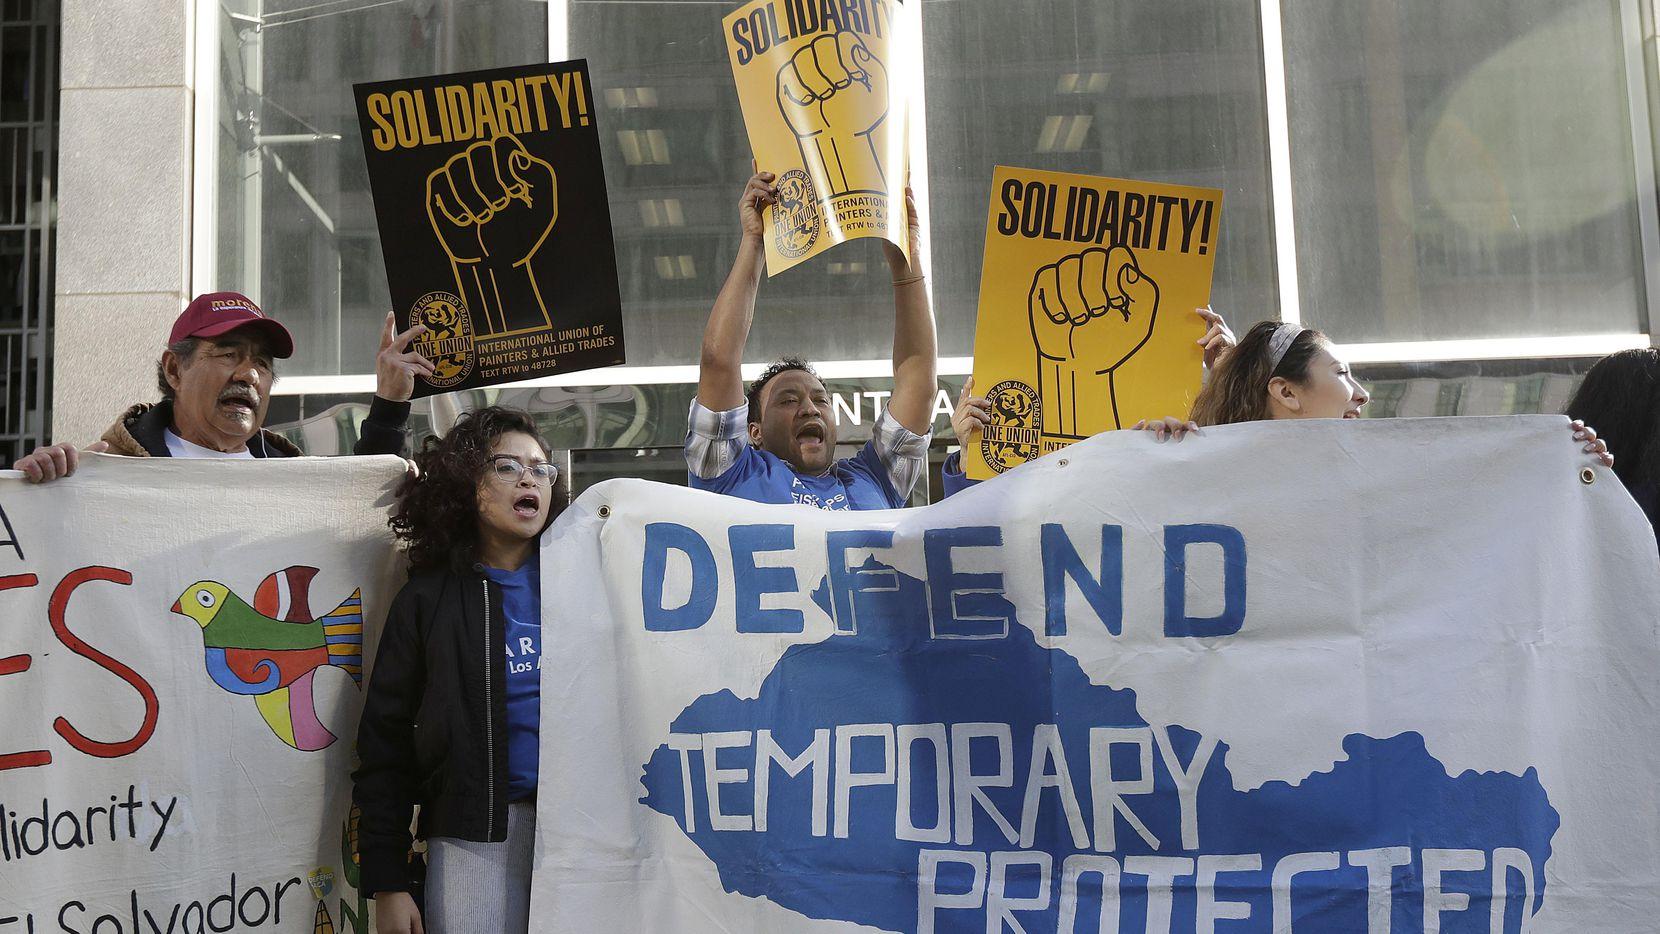 Personas portan pancartas de apoyo a programas de protección temporal en un evento afuera de la corte federal de San Francisco.(AP)